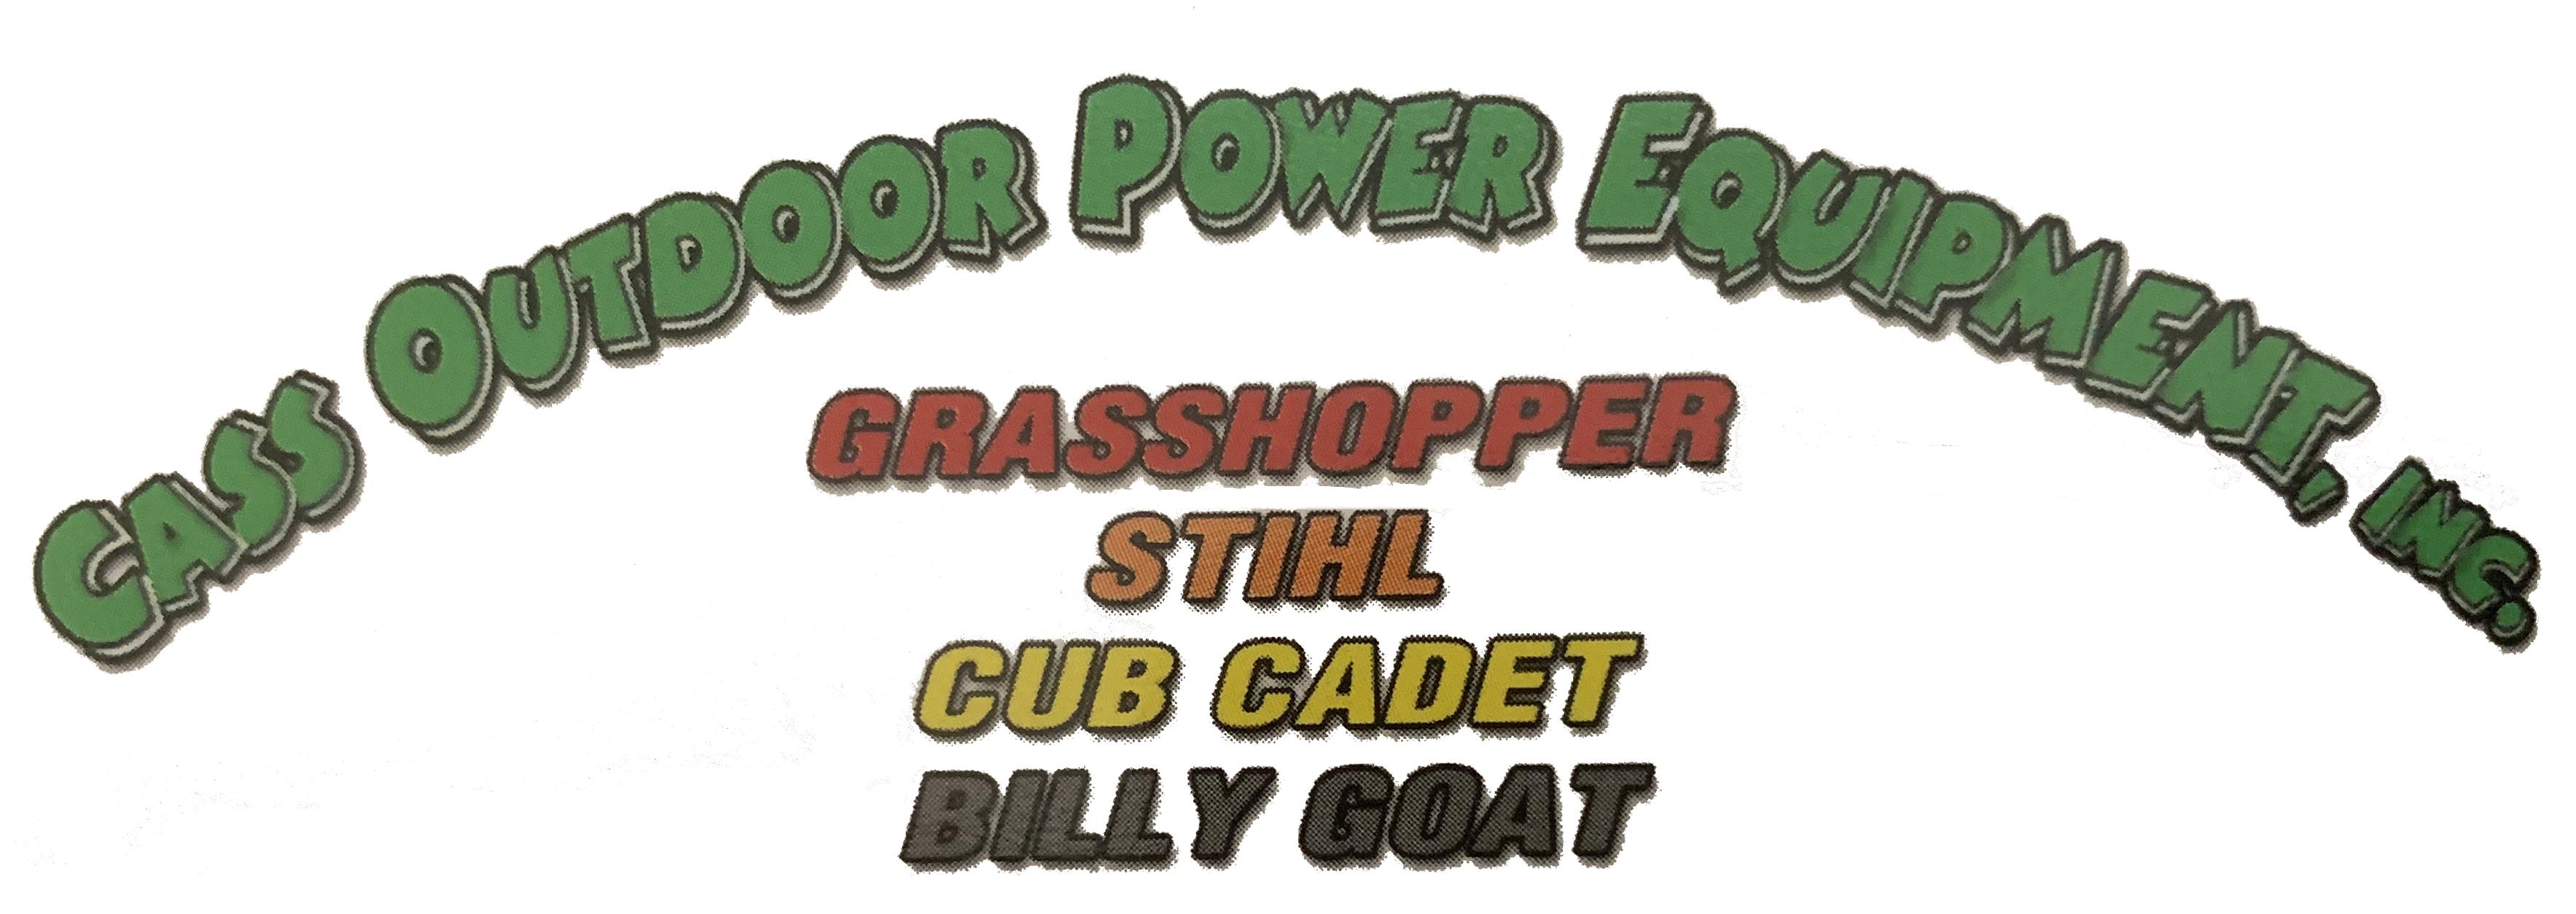 Cass Outdoor Power